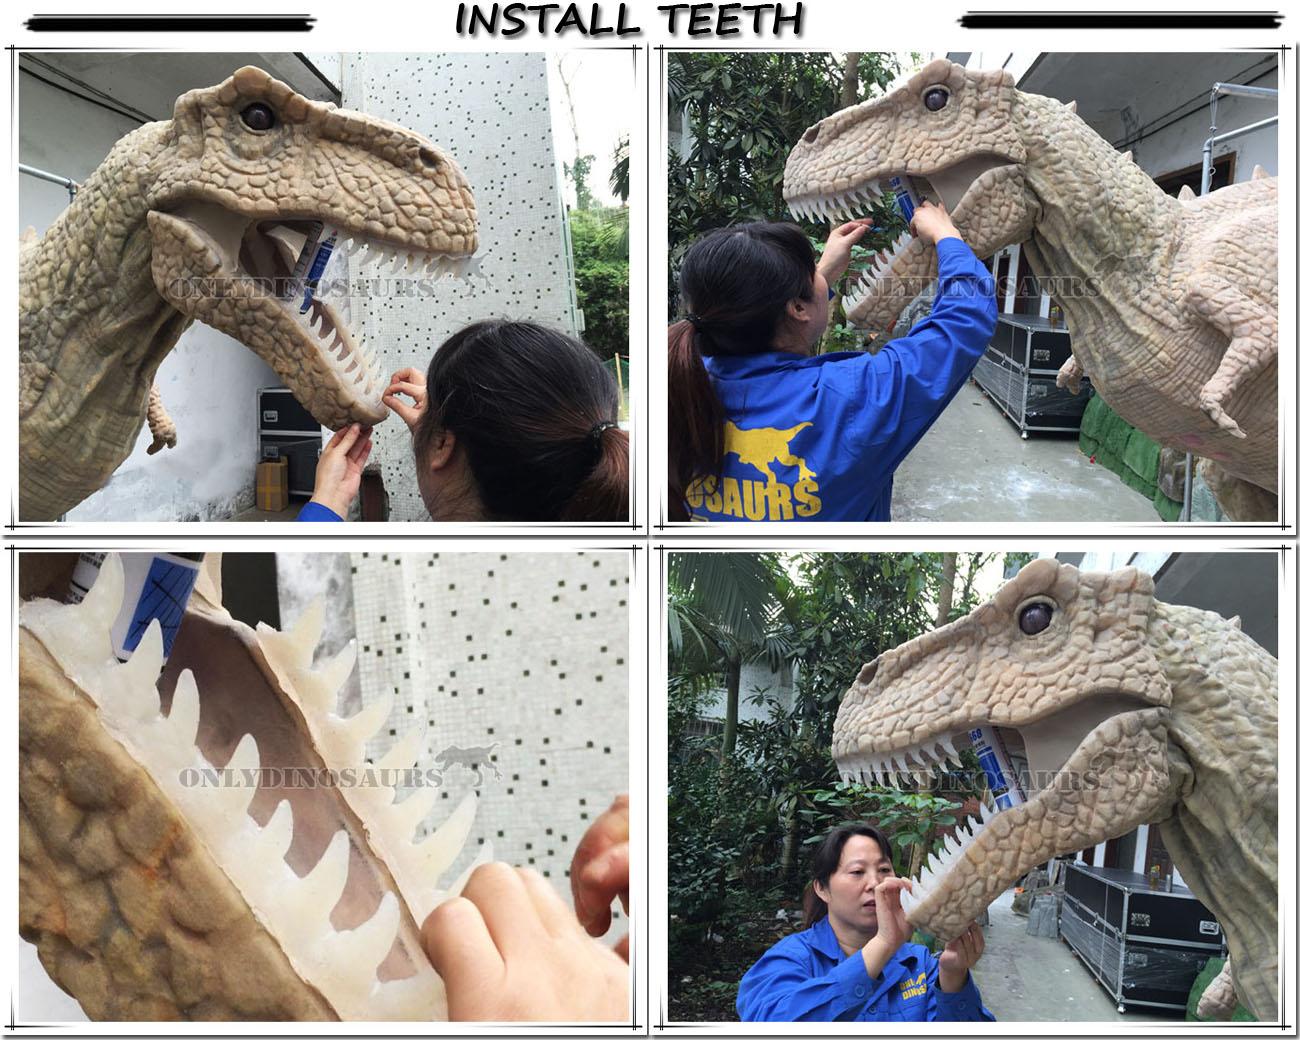 Install Teeth